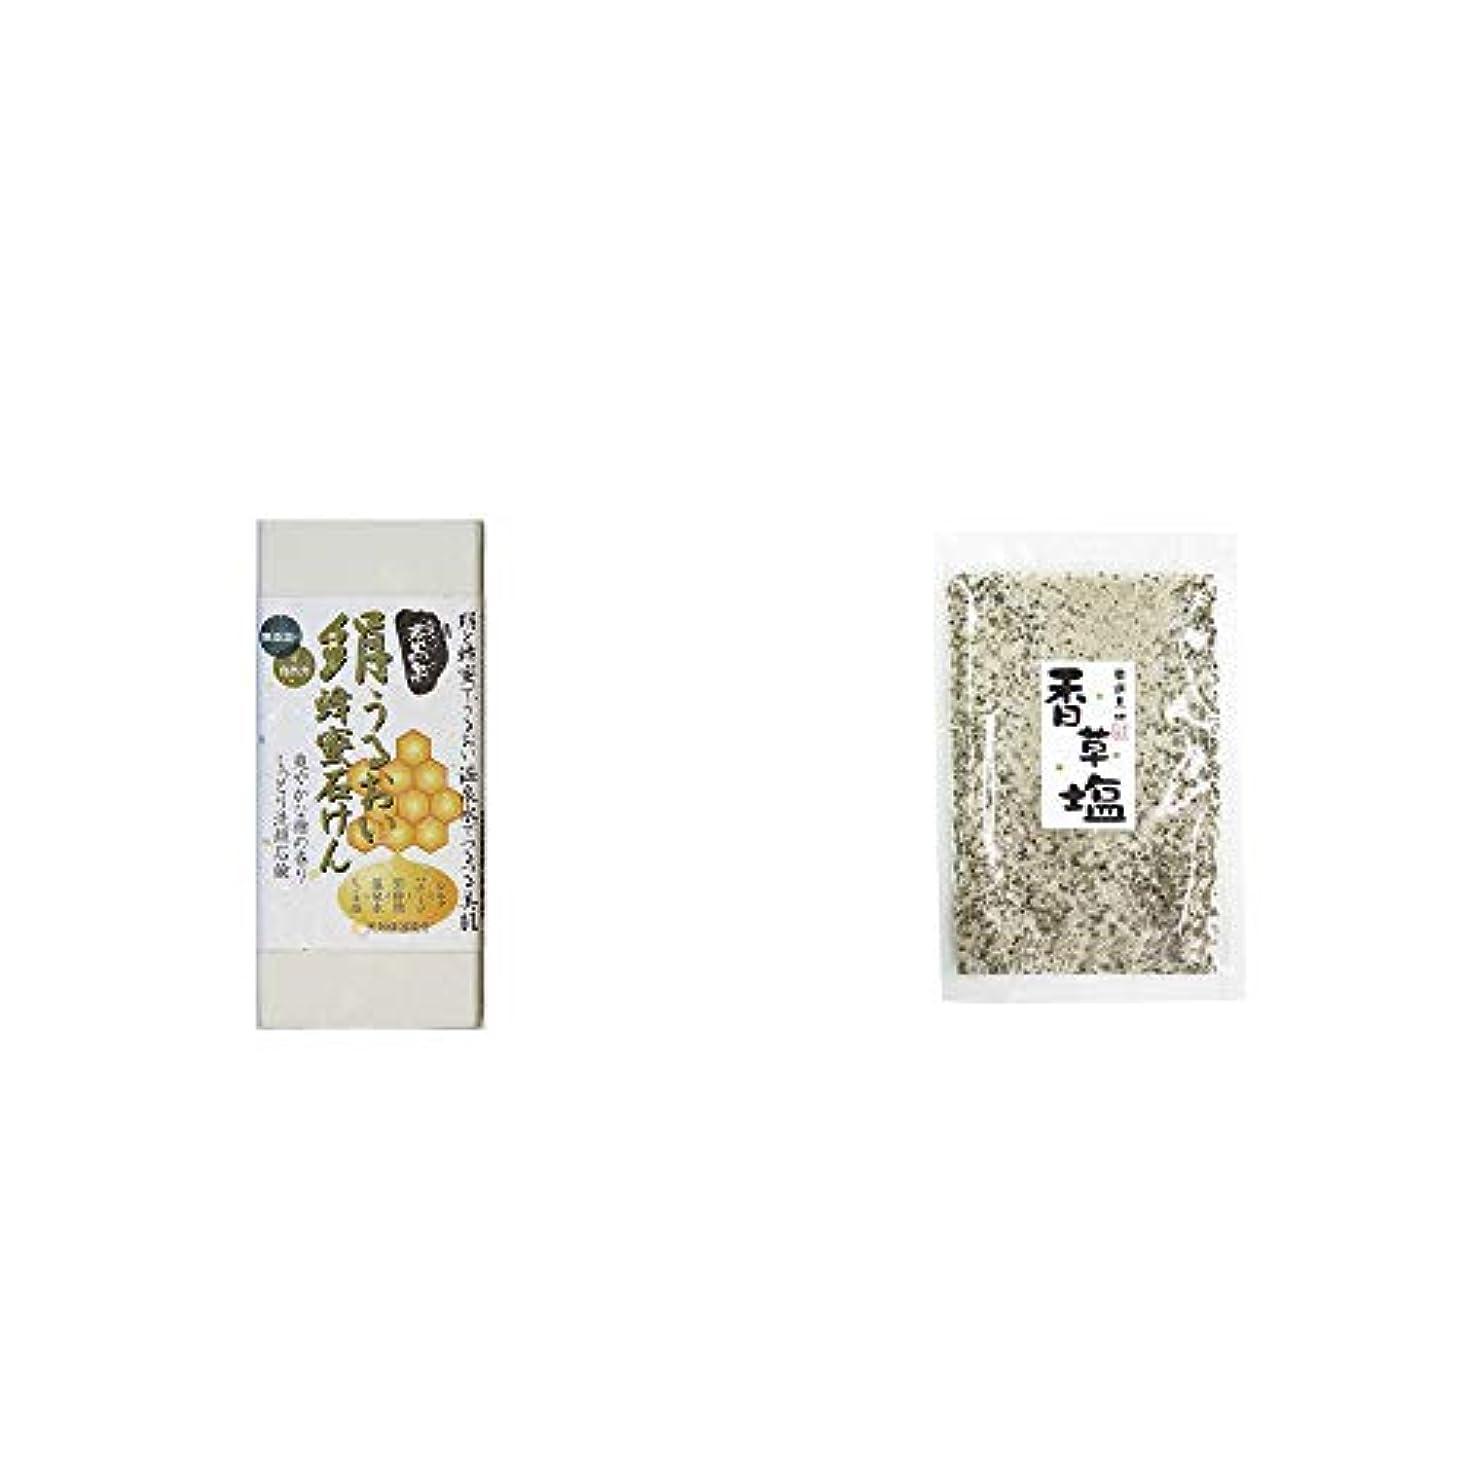 きらめくデンプシー着実に[2点セット] ひのき炭黒泉 絹うるおい蜂蜜石けん(75g×2)?香草塩 [袋タイプ](100g)